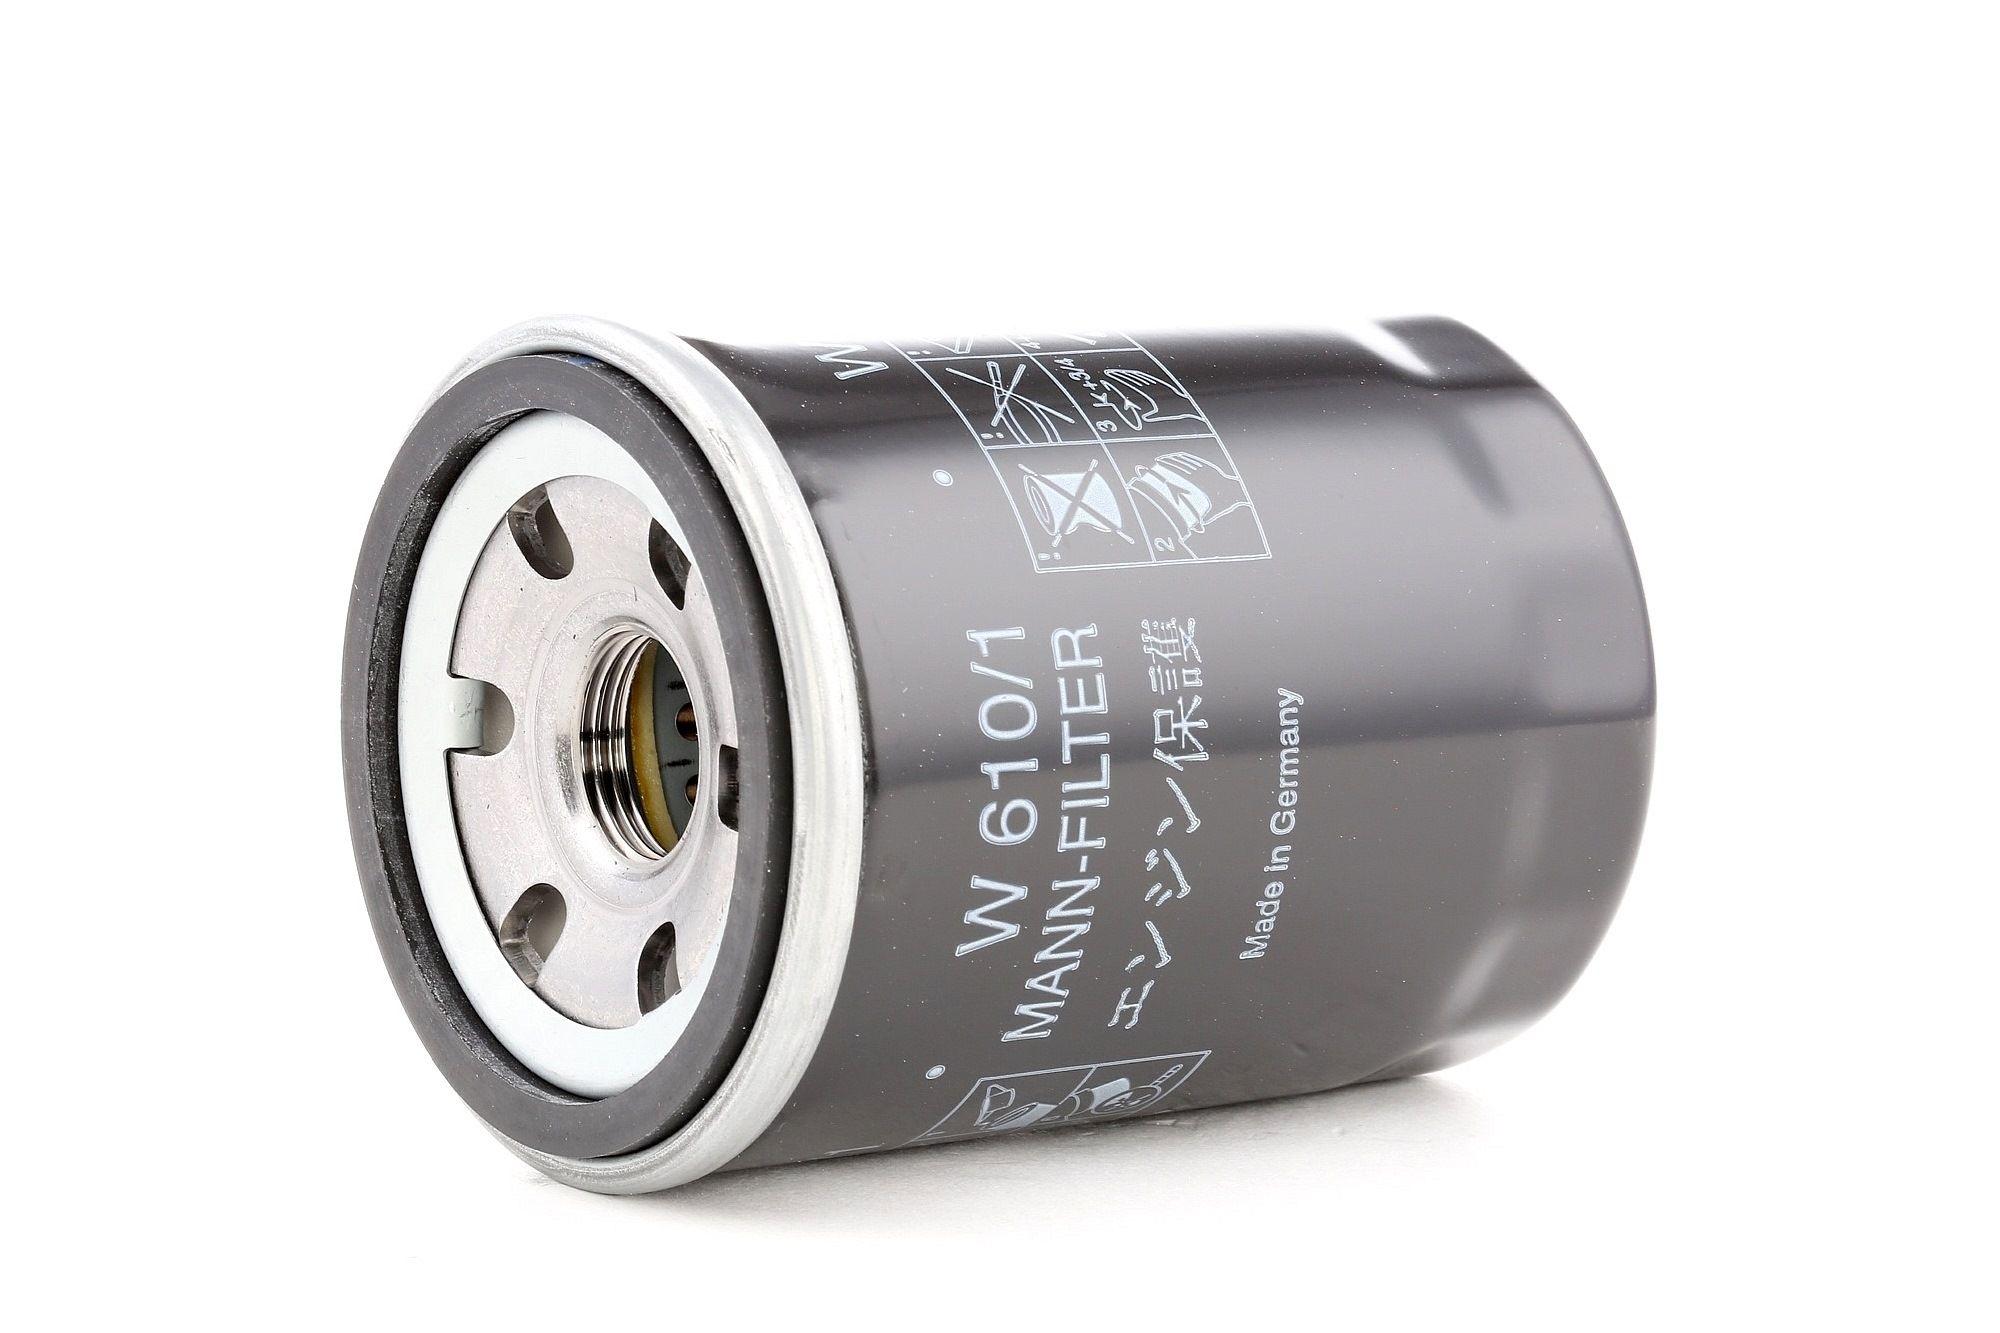 Ölfilter W 610/1 bei Auto-doc.ch günstig kaufen